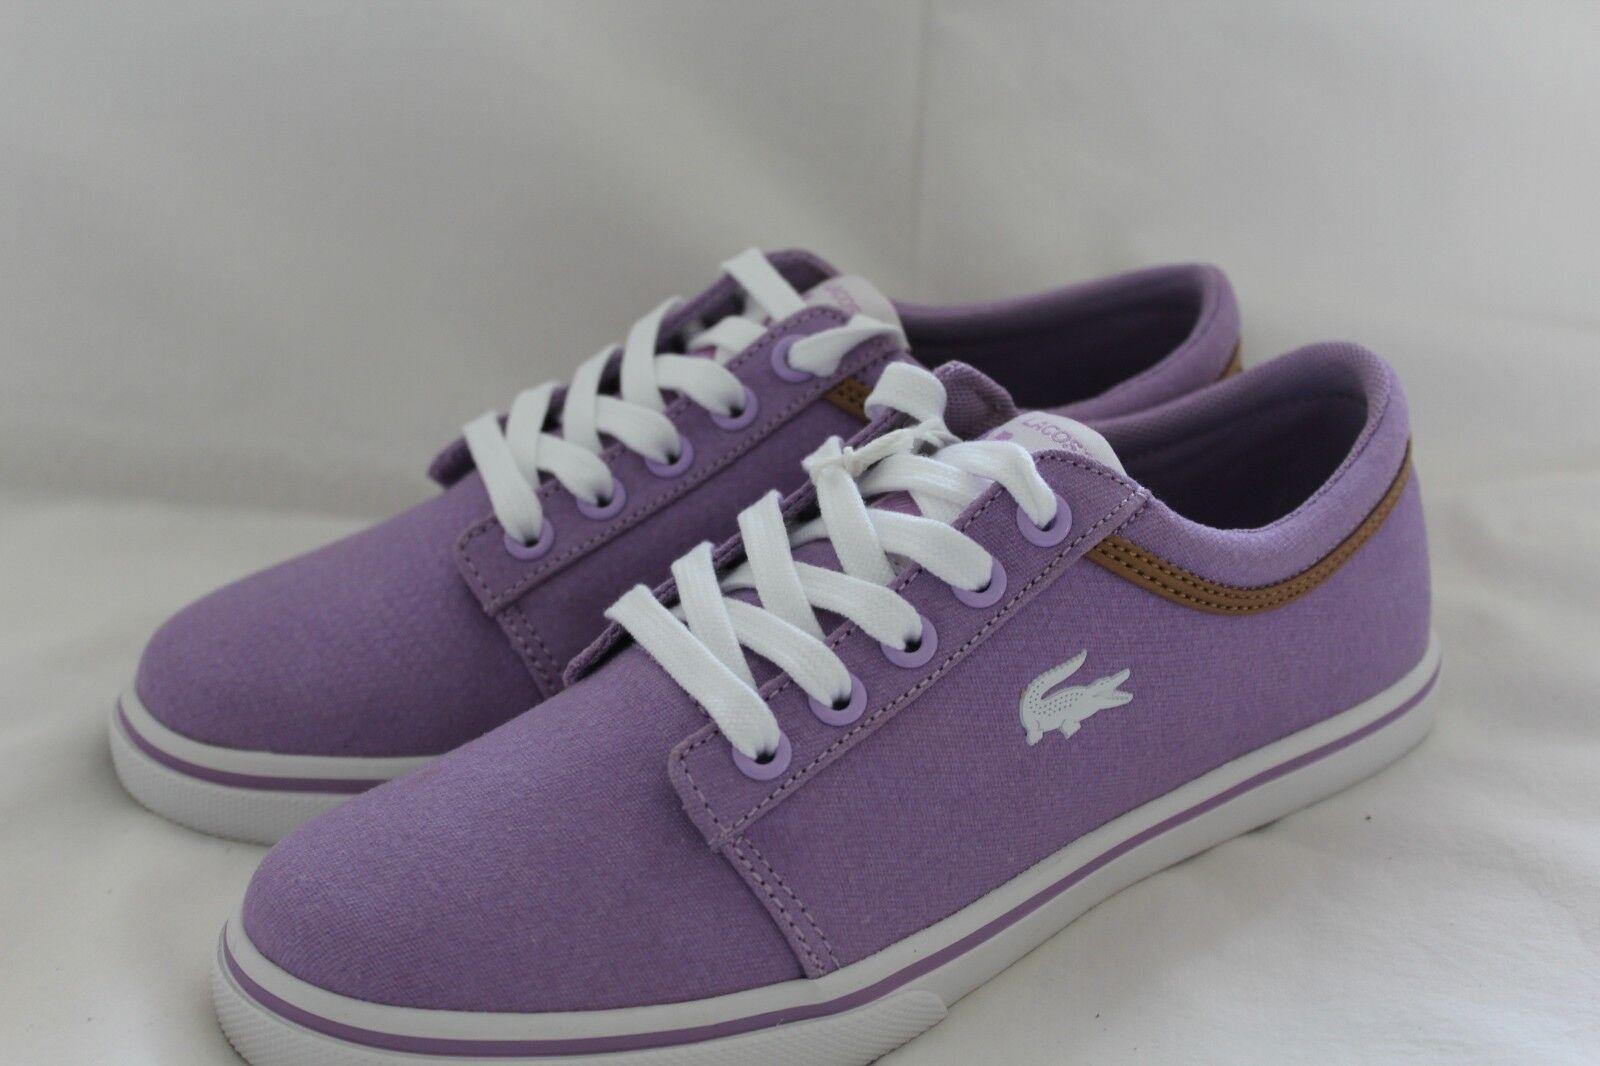 LACOSTE LADIES VAULTSTAR SLEEK TRAINERS UK 4-8 (violet blanc)